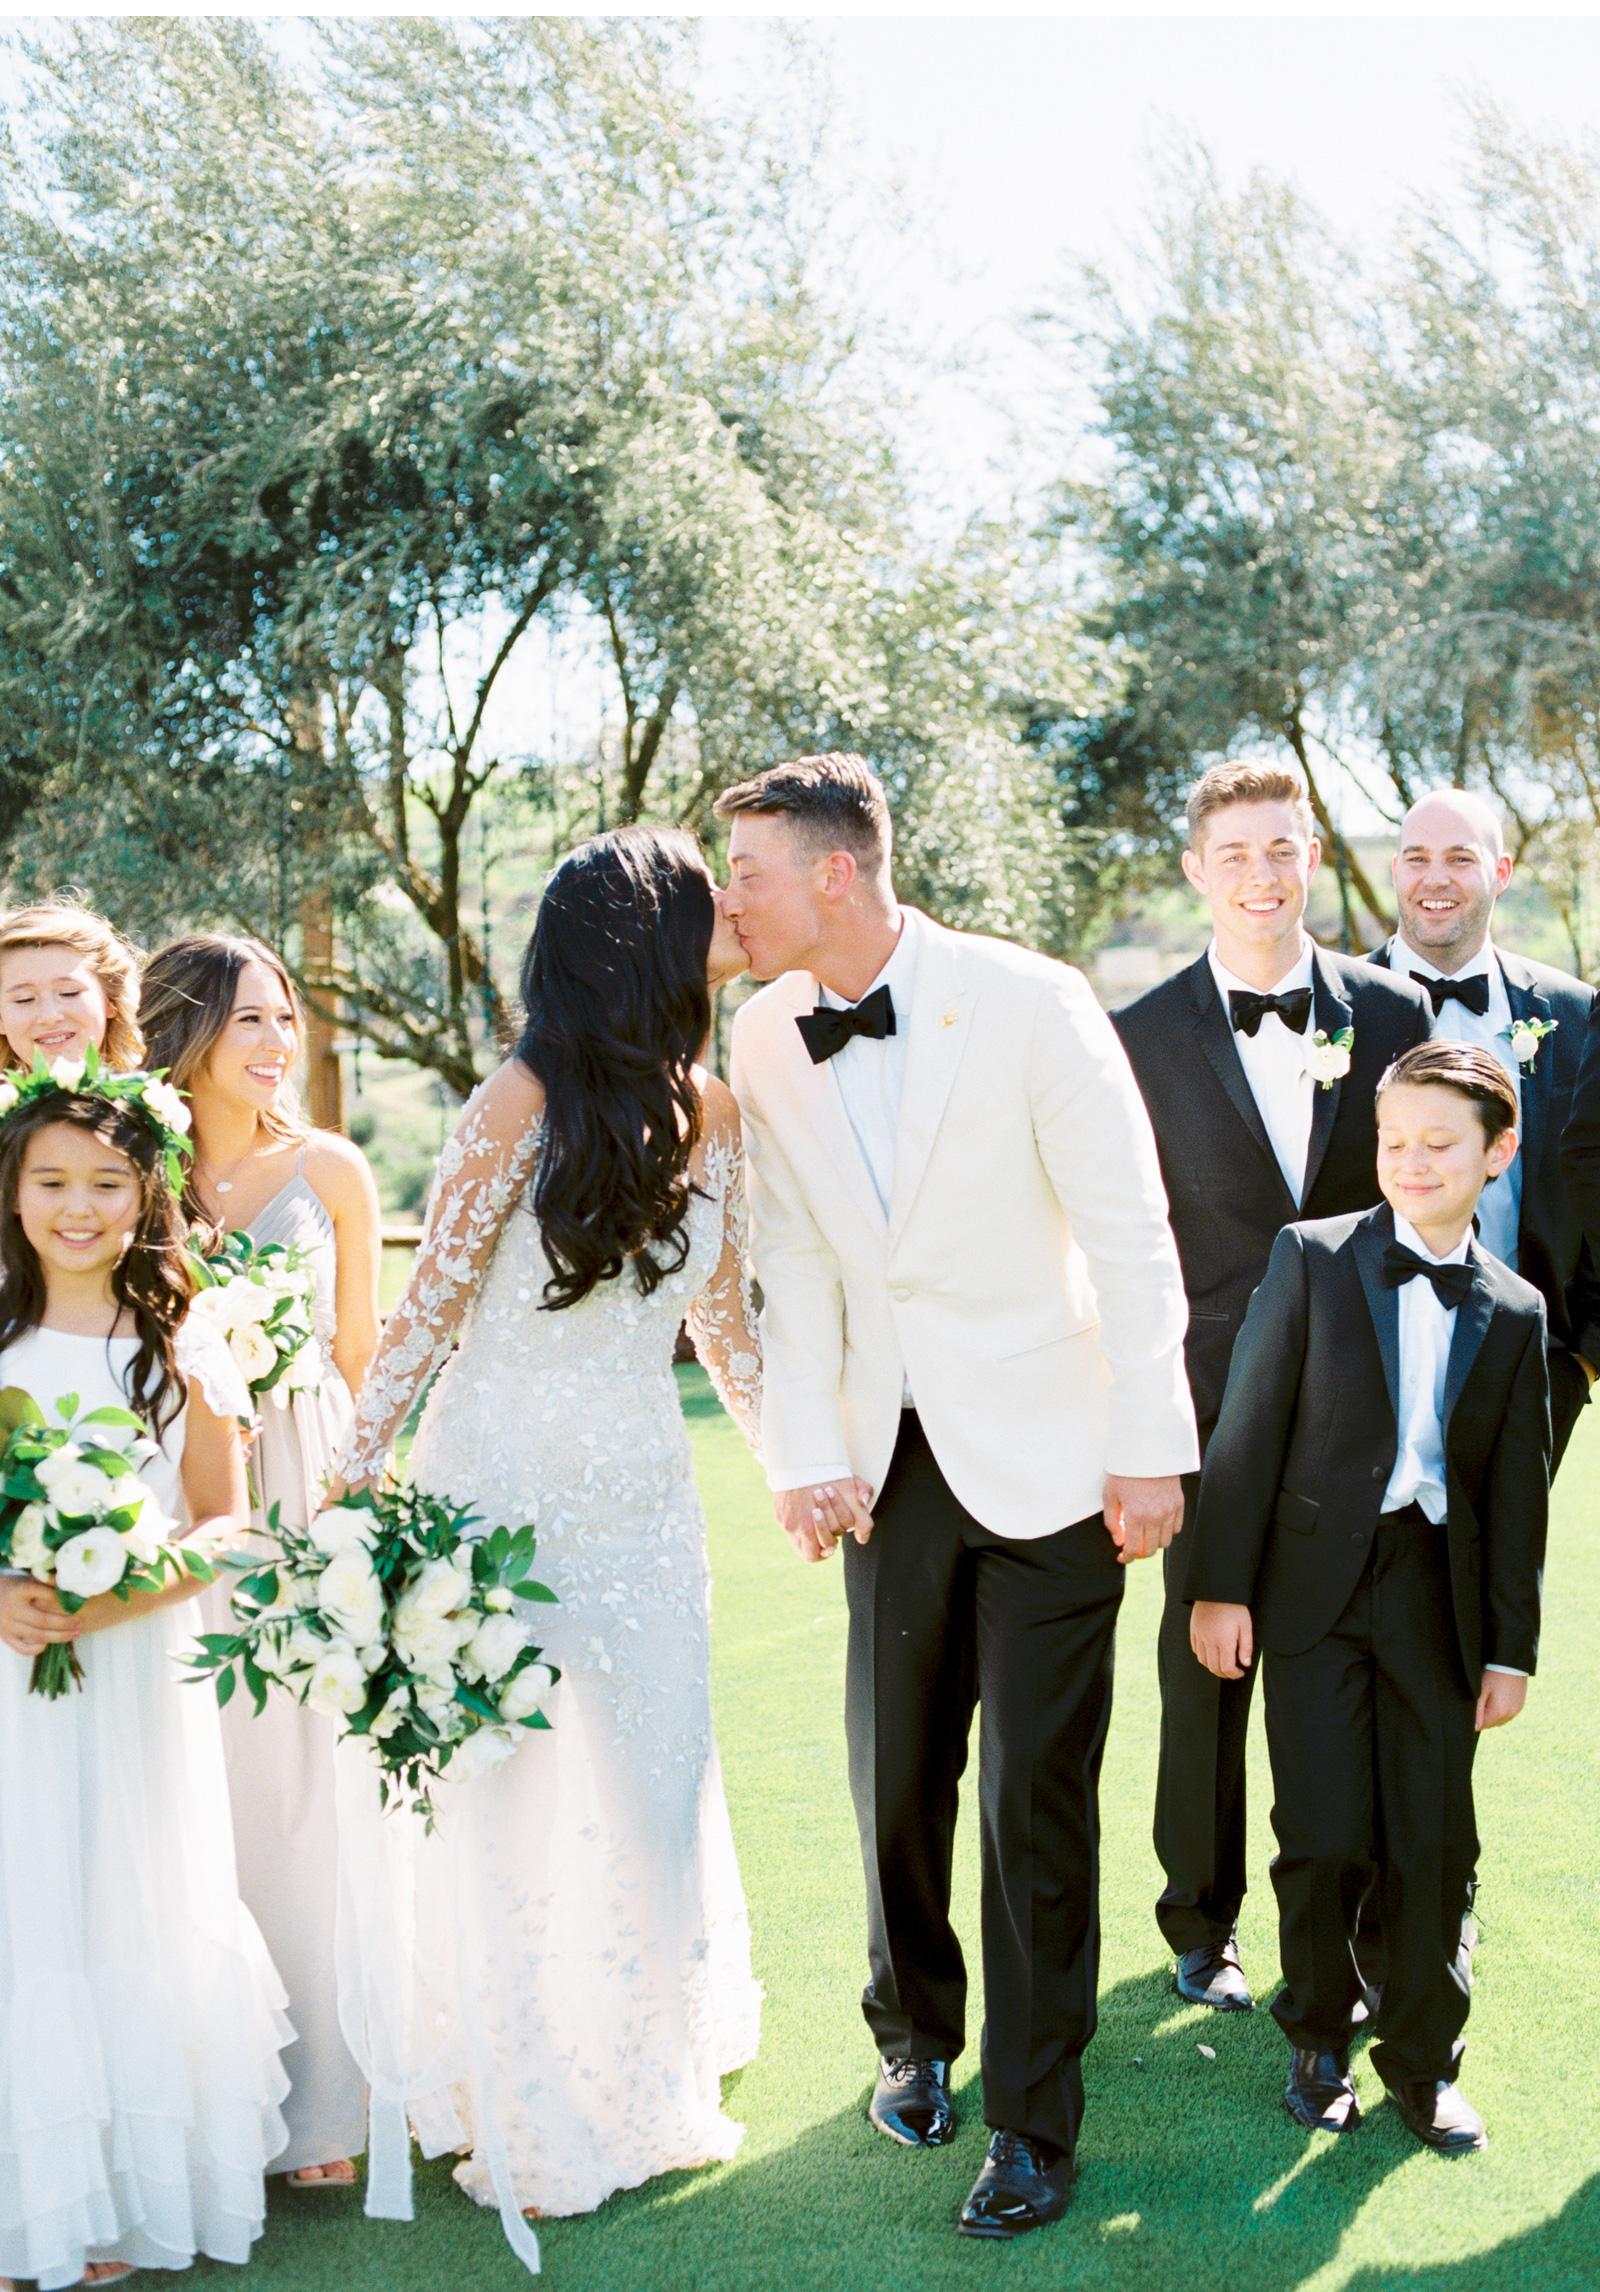 Malibu-Wedding-Photography-West-Coast-Wedding-Venues-Style-Me-Pretty-Malibu-Wedding-Venue_13.jpg